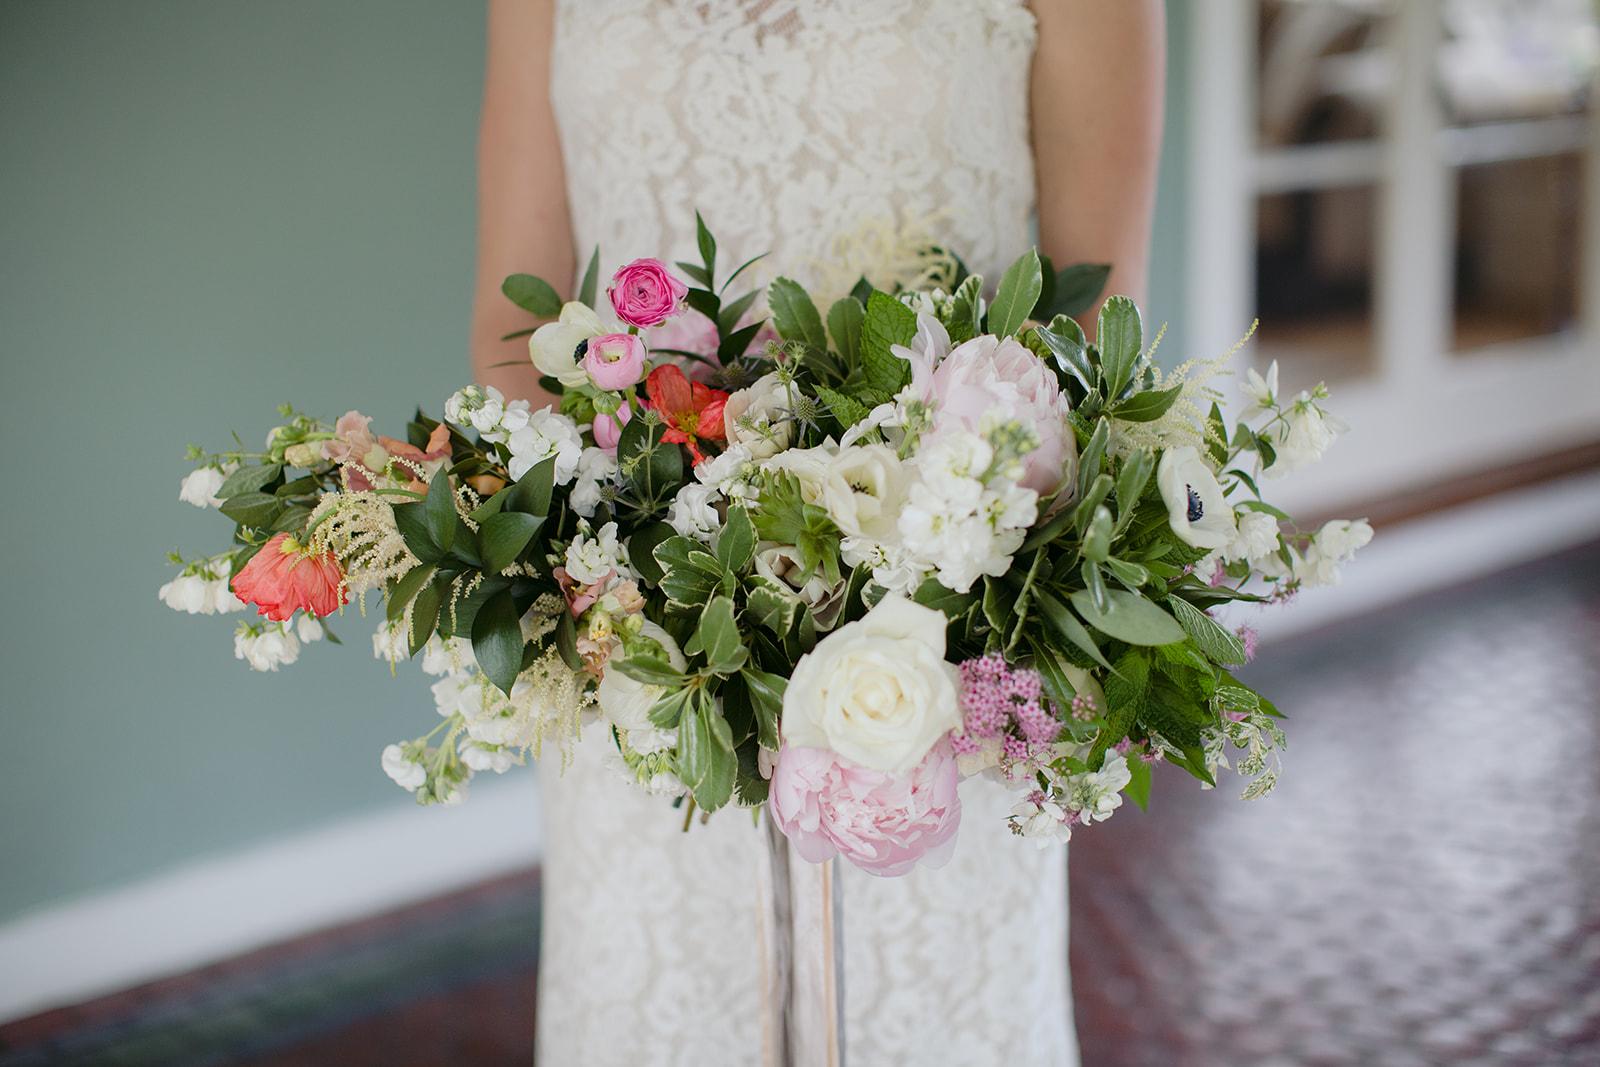 Watershed_Floral_Acadia_Maine_Wedding_Florist__Acadia_094.jpg